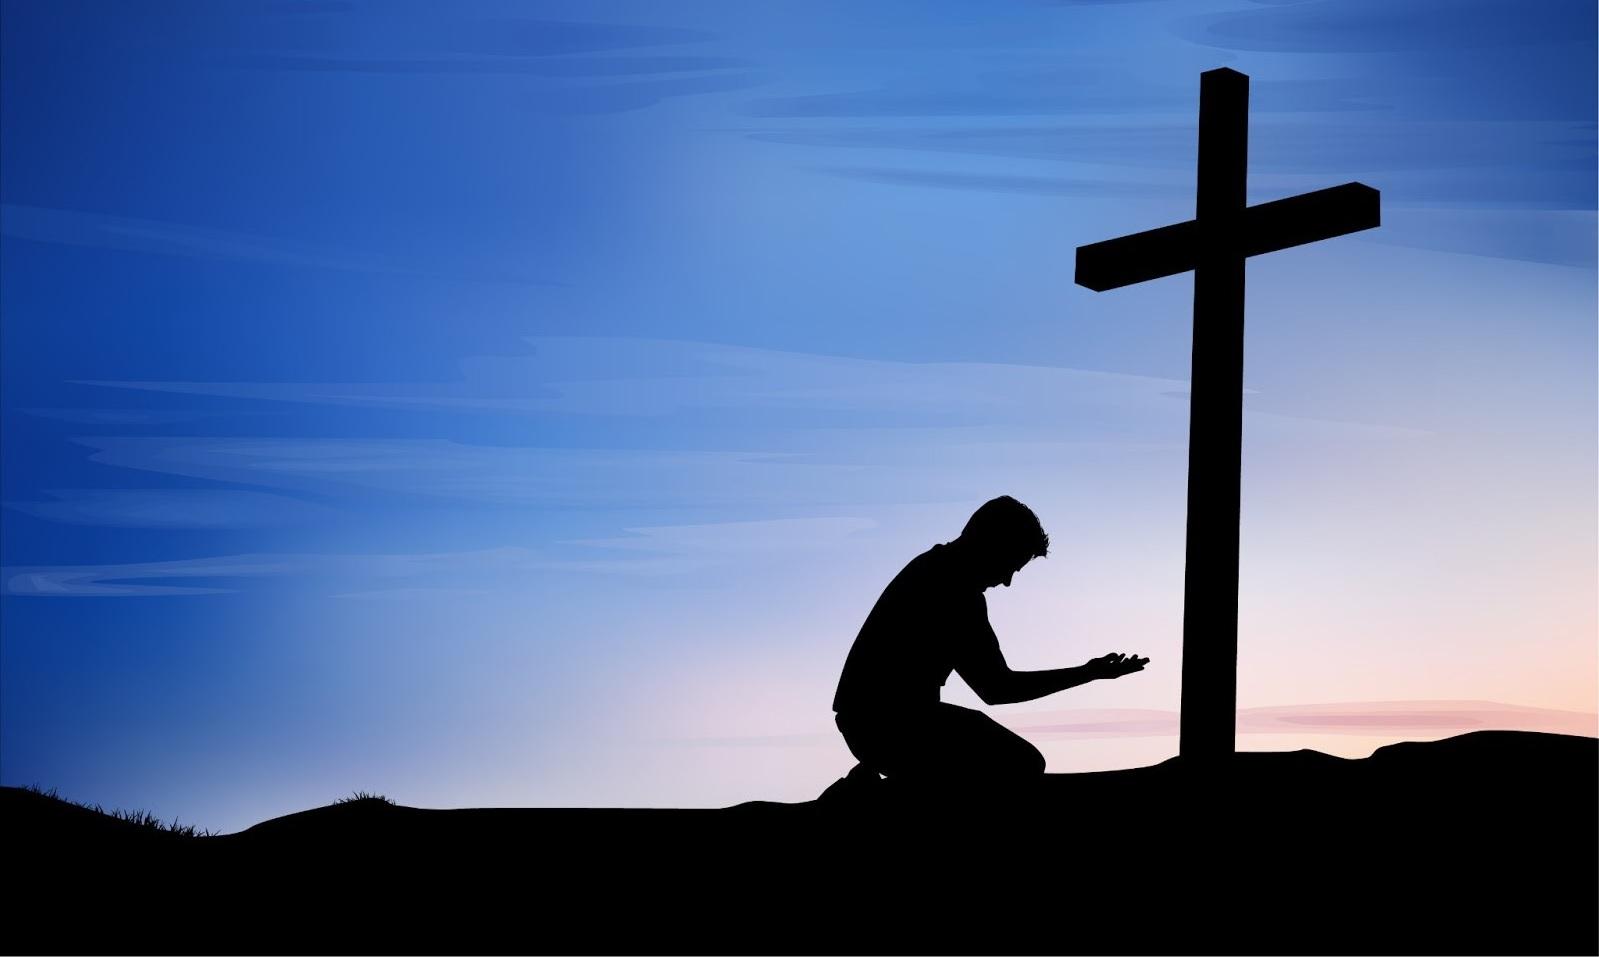 Nhận diện chính mình trước thập giá Chúa